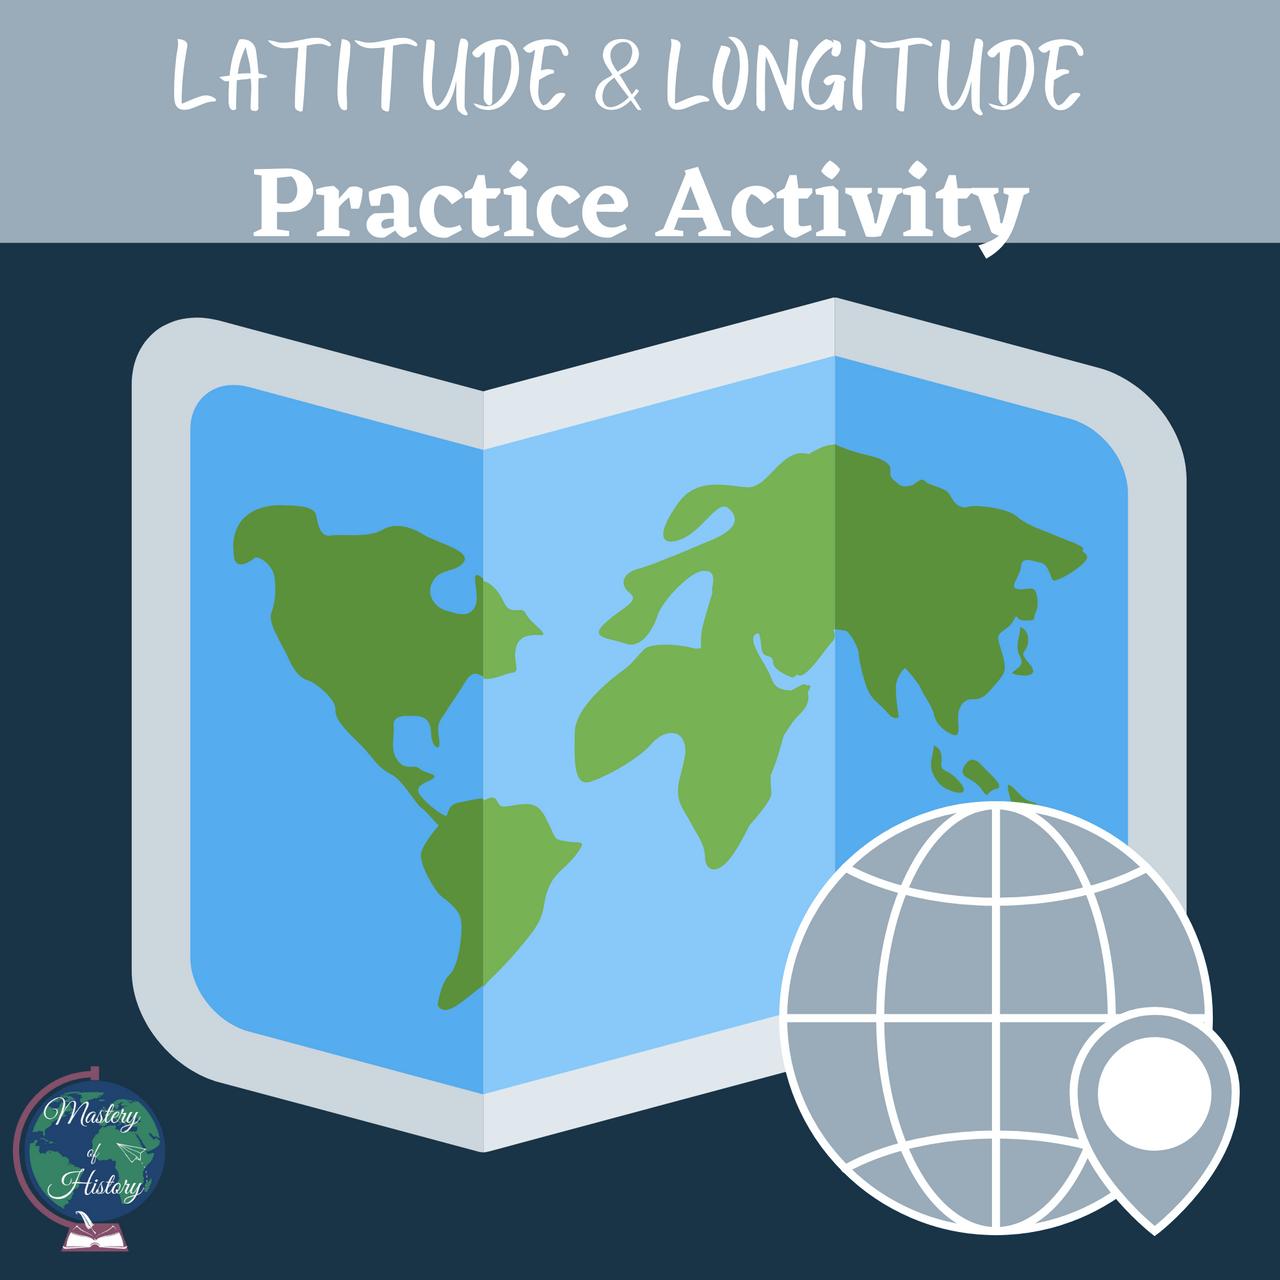 Latitude \u0026 Longitude Practice Worksheets - Amped Up Learning [ 1280 x 1280 Pixel ]